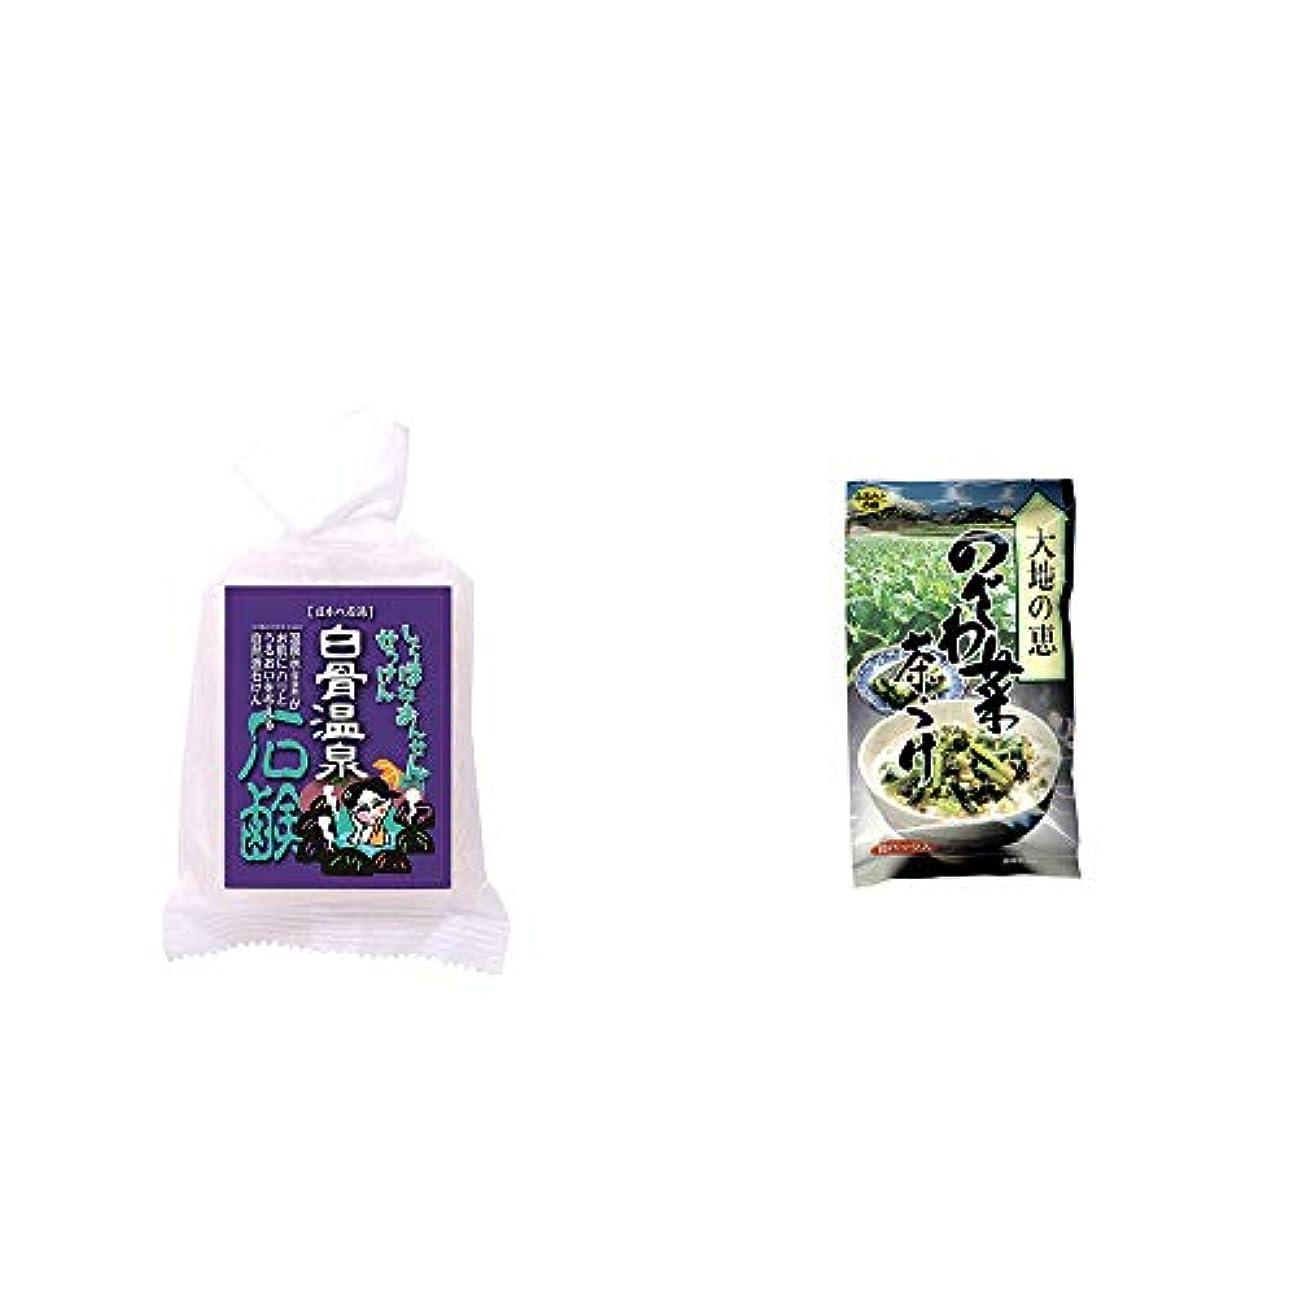 旧正月世紀緊張[2点セット] 信州 白骨温泉石鹸(80g)?特選茶漬け 大地の恵 のざわ菜茶づけ(10袋入)